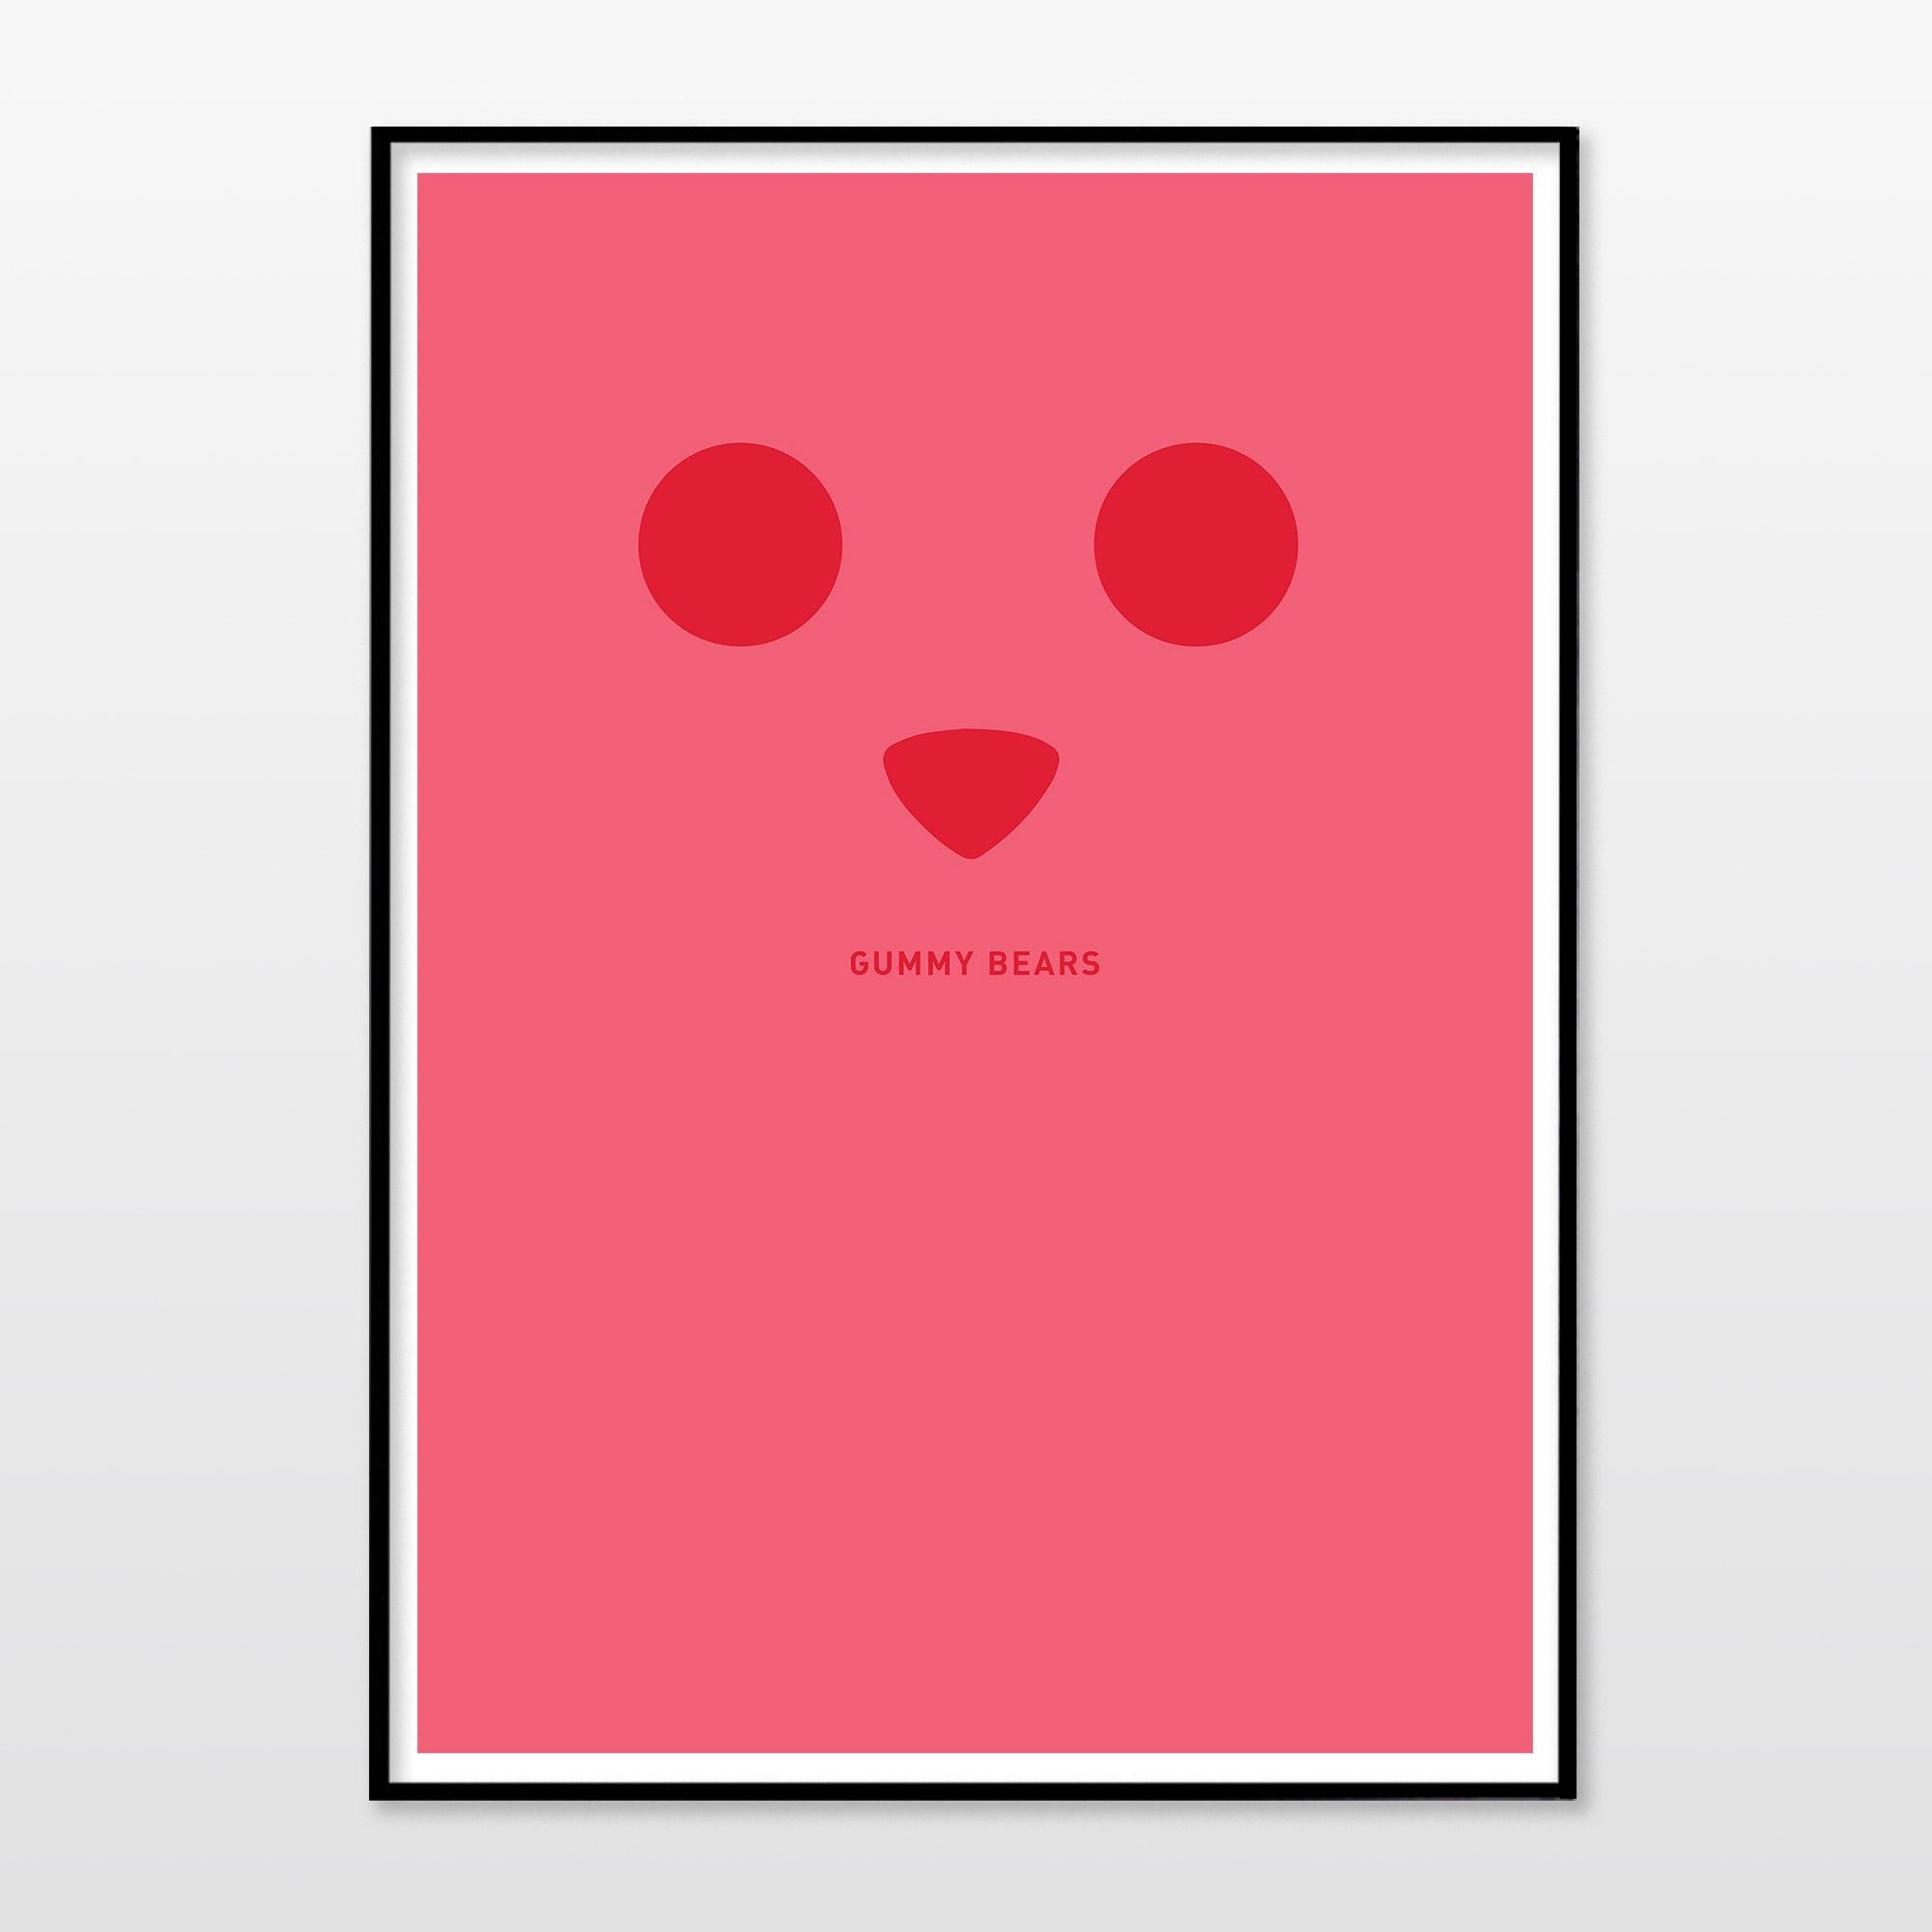 plakater, gicleé, æstetiske, børnevenlige, grafiske, minimalistiske, pop, dyreliv, tegneserier, børn, humor, typografi, pink, røde, blæk, papir, baby, samtidskunst, københavn, sød, dansk, dekorative, design, interiør, bolig-indretning, moderne, moderne-kunst, nordisk, pop-art, plakater, tryk, skandinavisk, Køb original kunst og kunstplakater. Malerier, tegninger, limited edition kunsttryk & plakater af dygtige kunstnere.